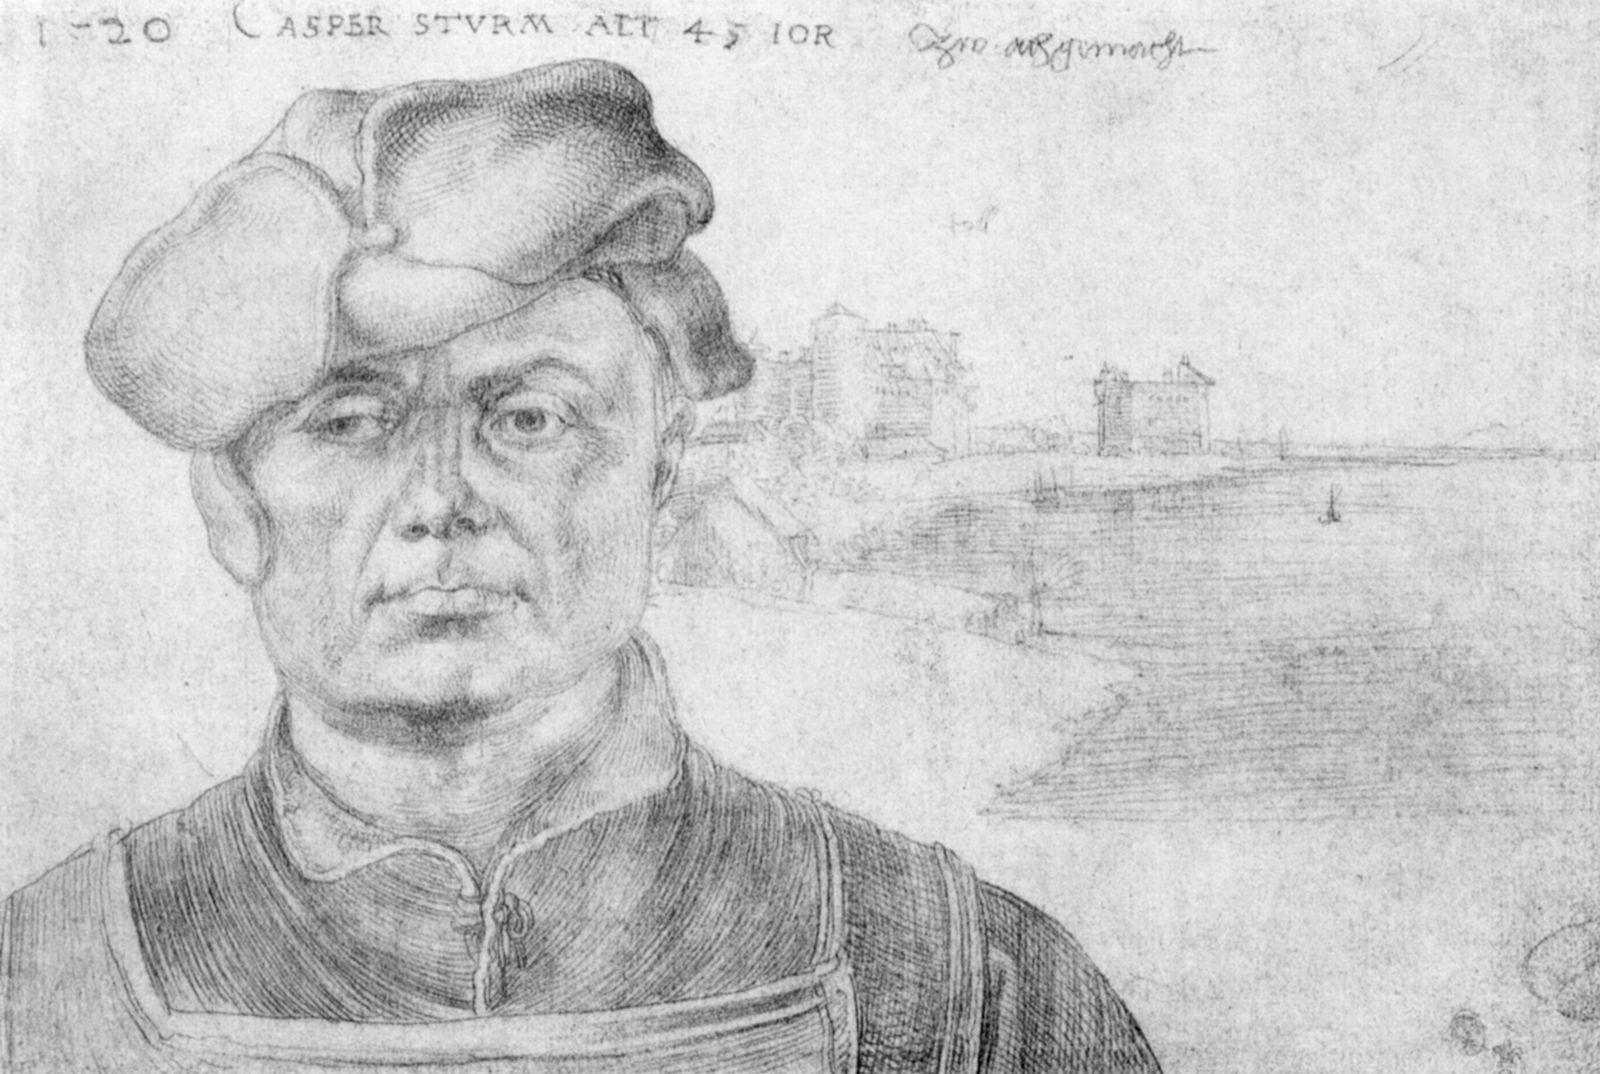 portrait-of-caspar-tower-and-a-river-landscape-1520